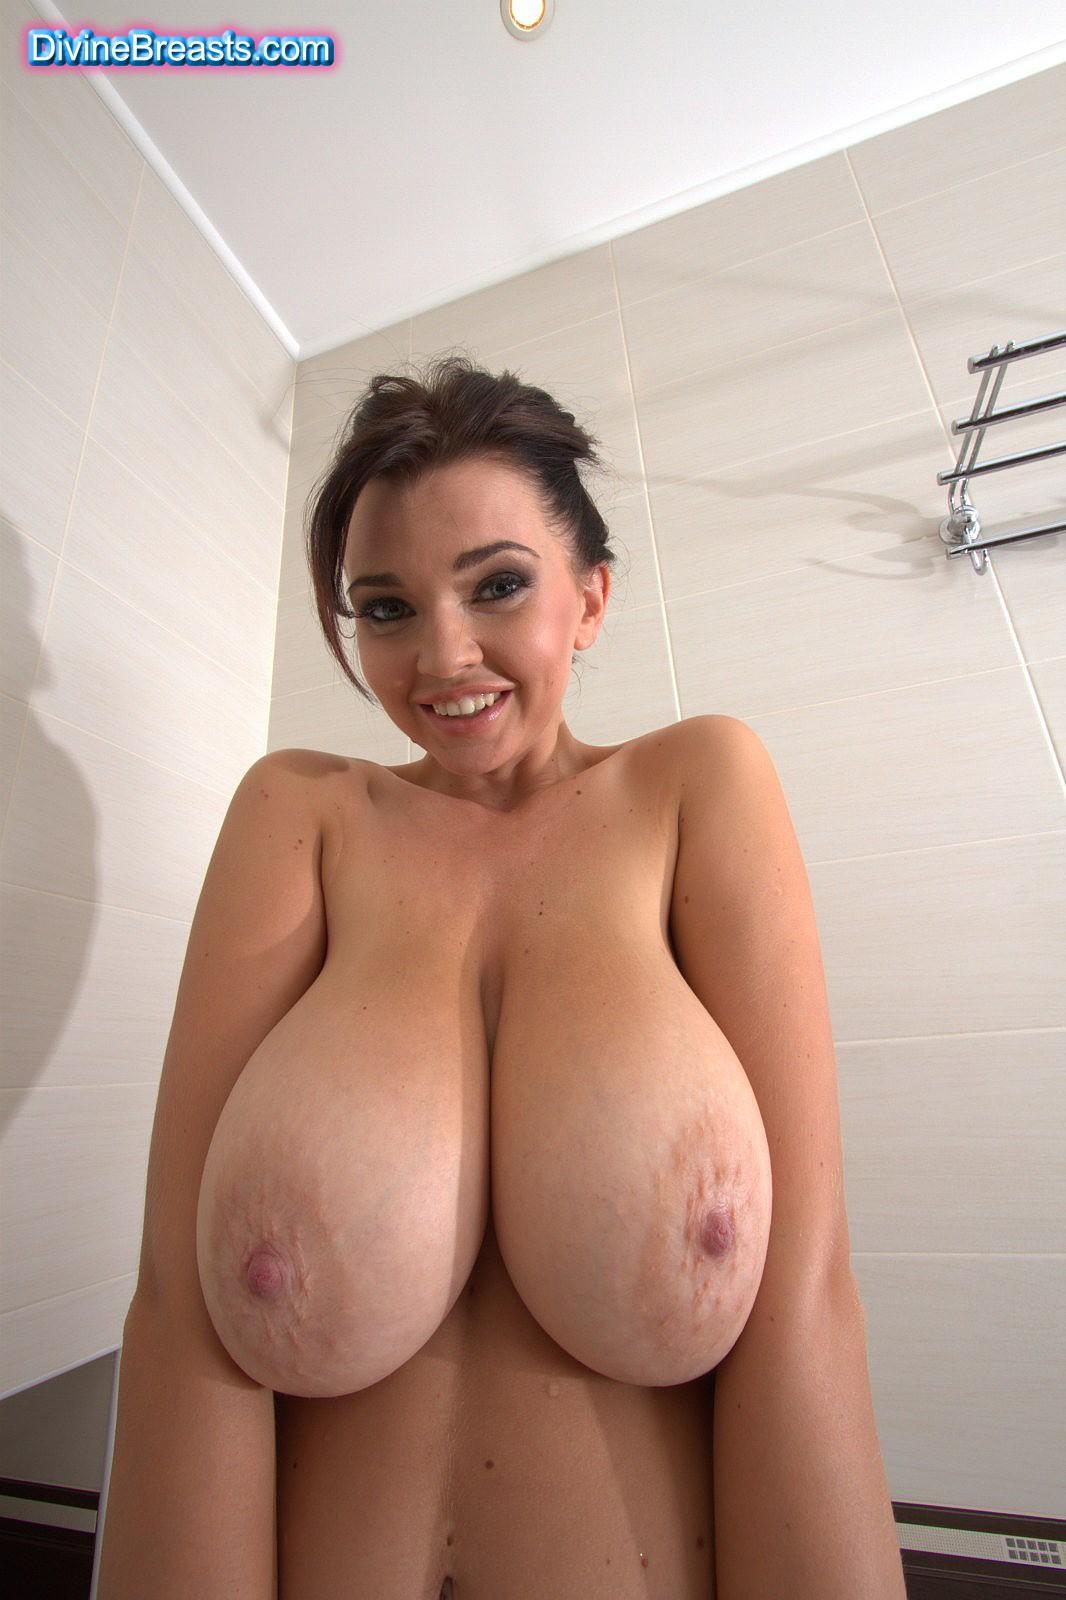 Big natural tits models